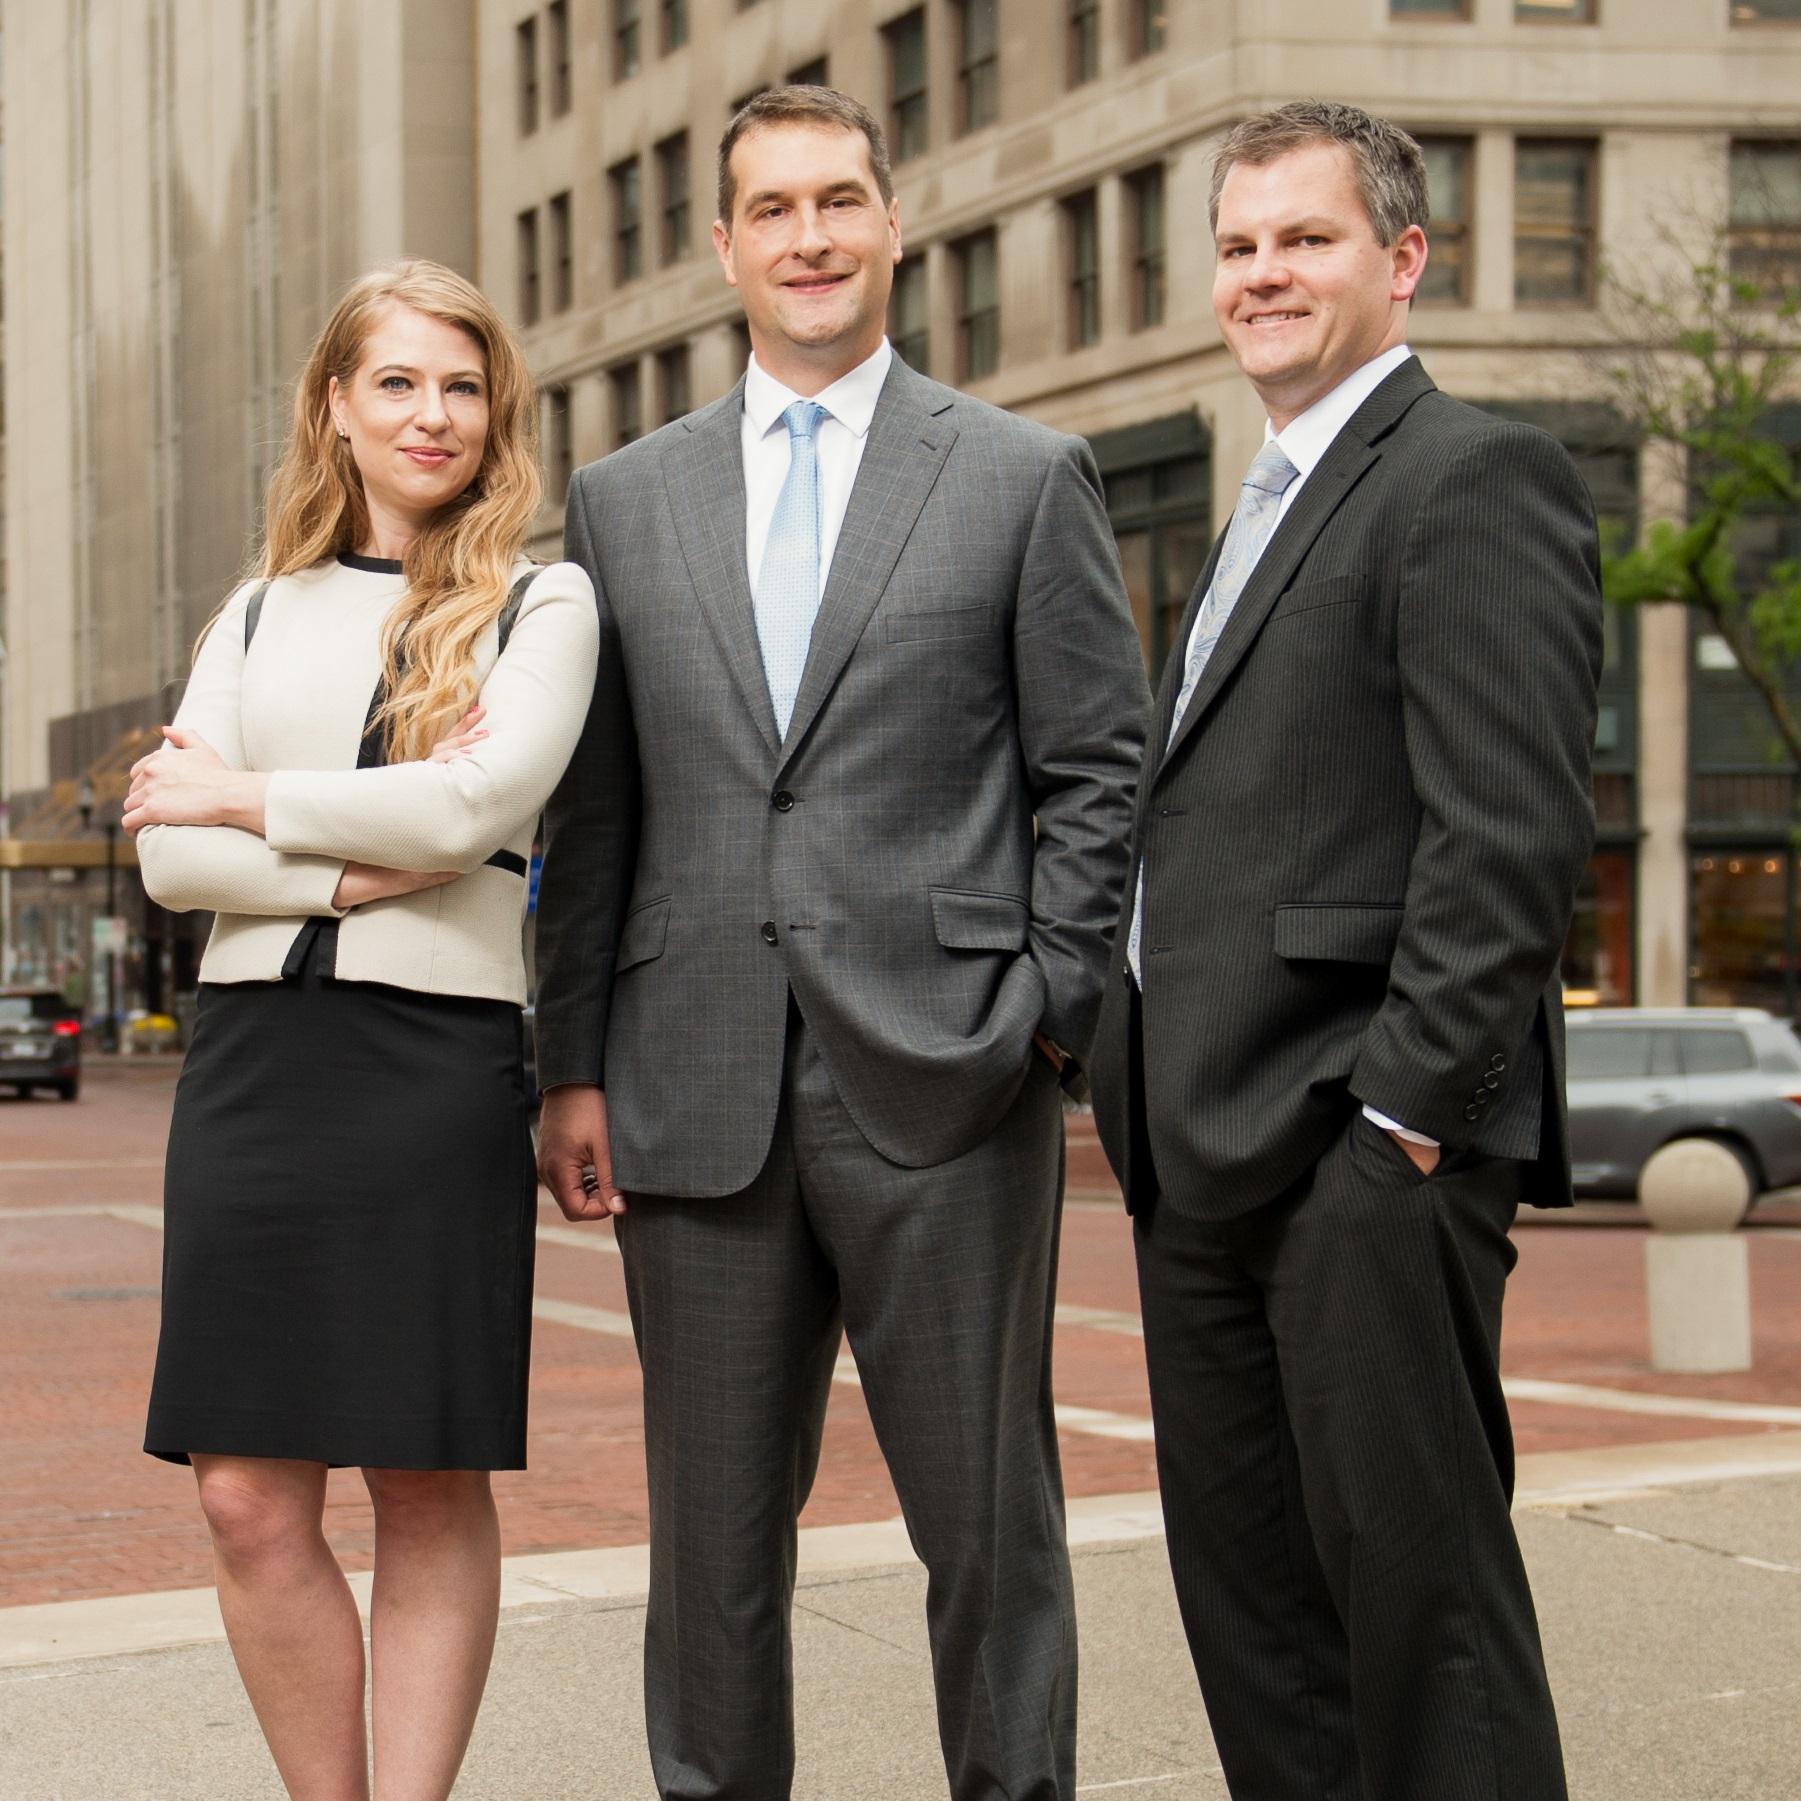 Eskew Law, LLC